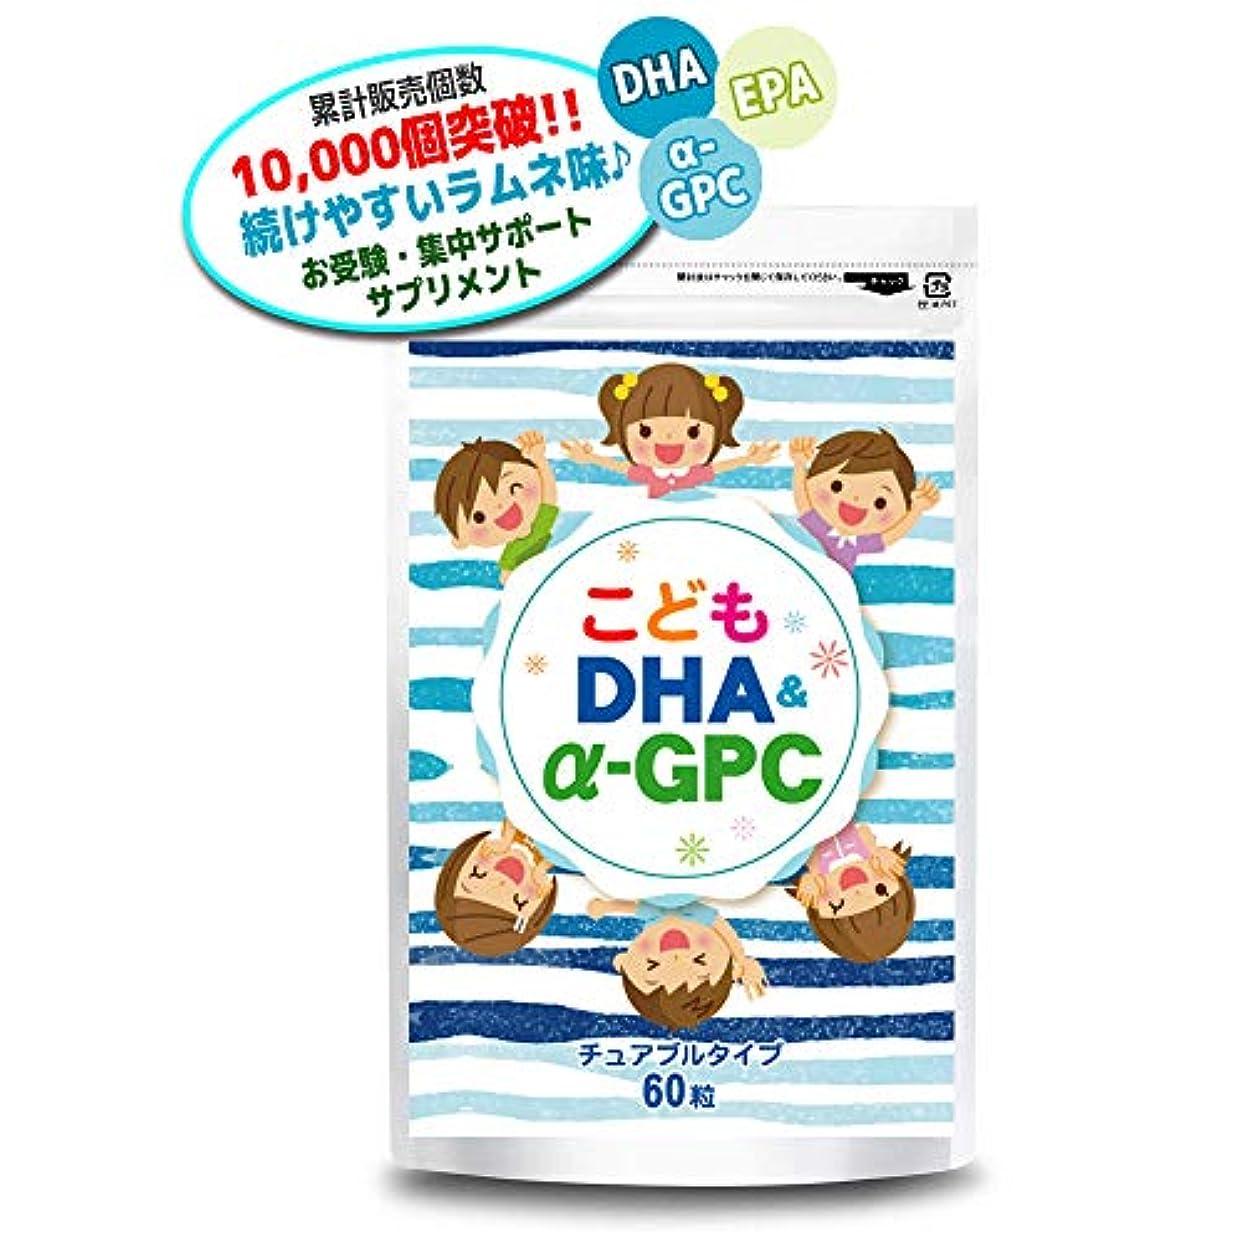 レオナルドダコンテンポラリー小麦粉こども DHA&α-GPC DHA EPA α-GPC ホスファチジルセリン 配合 【集中?学習特化型サプリメント】 60粒約30日分